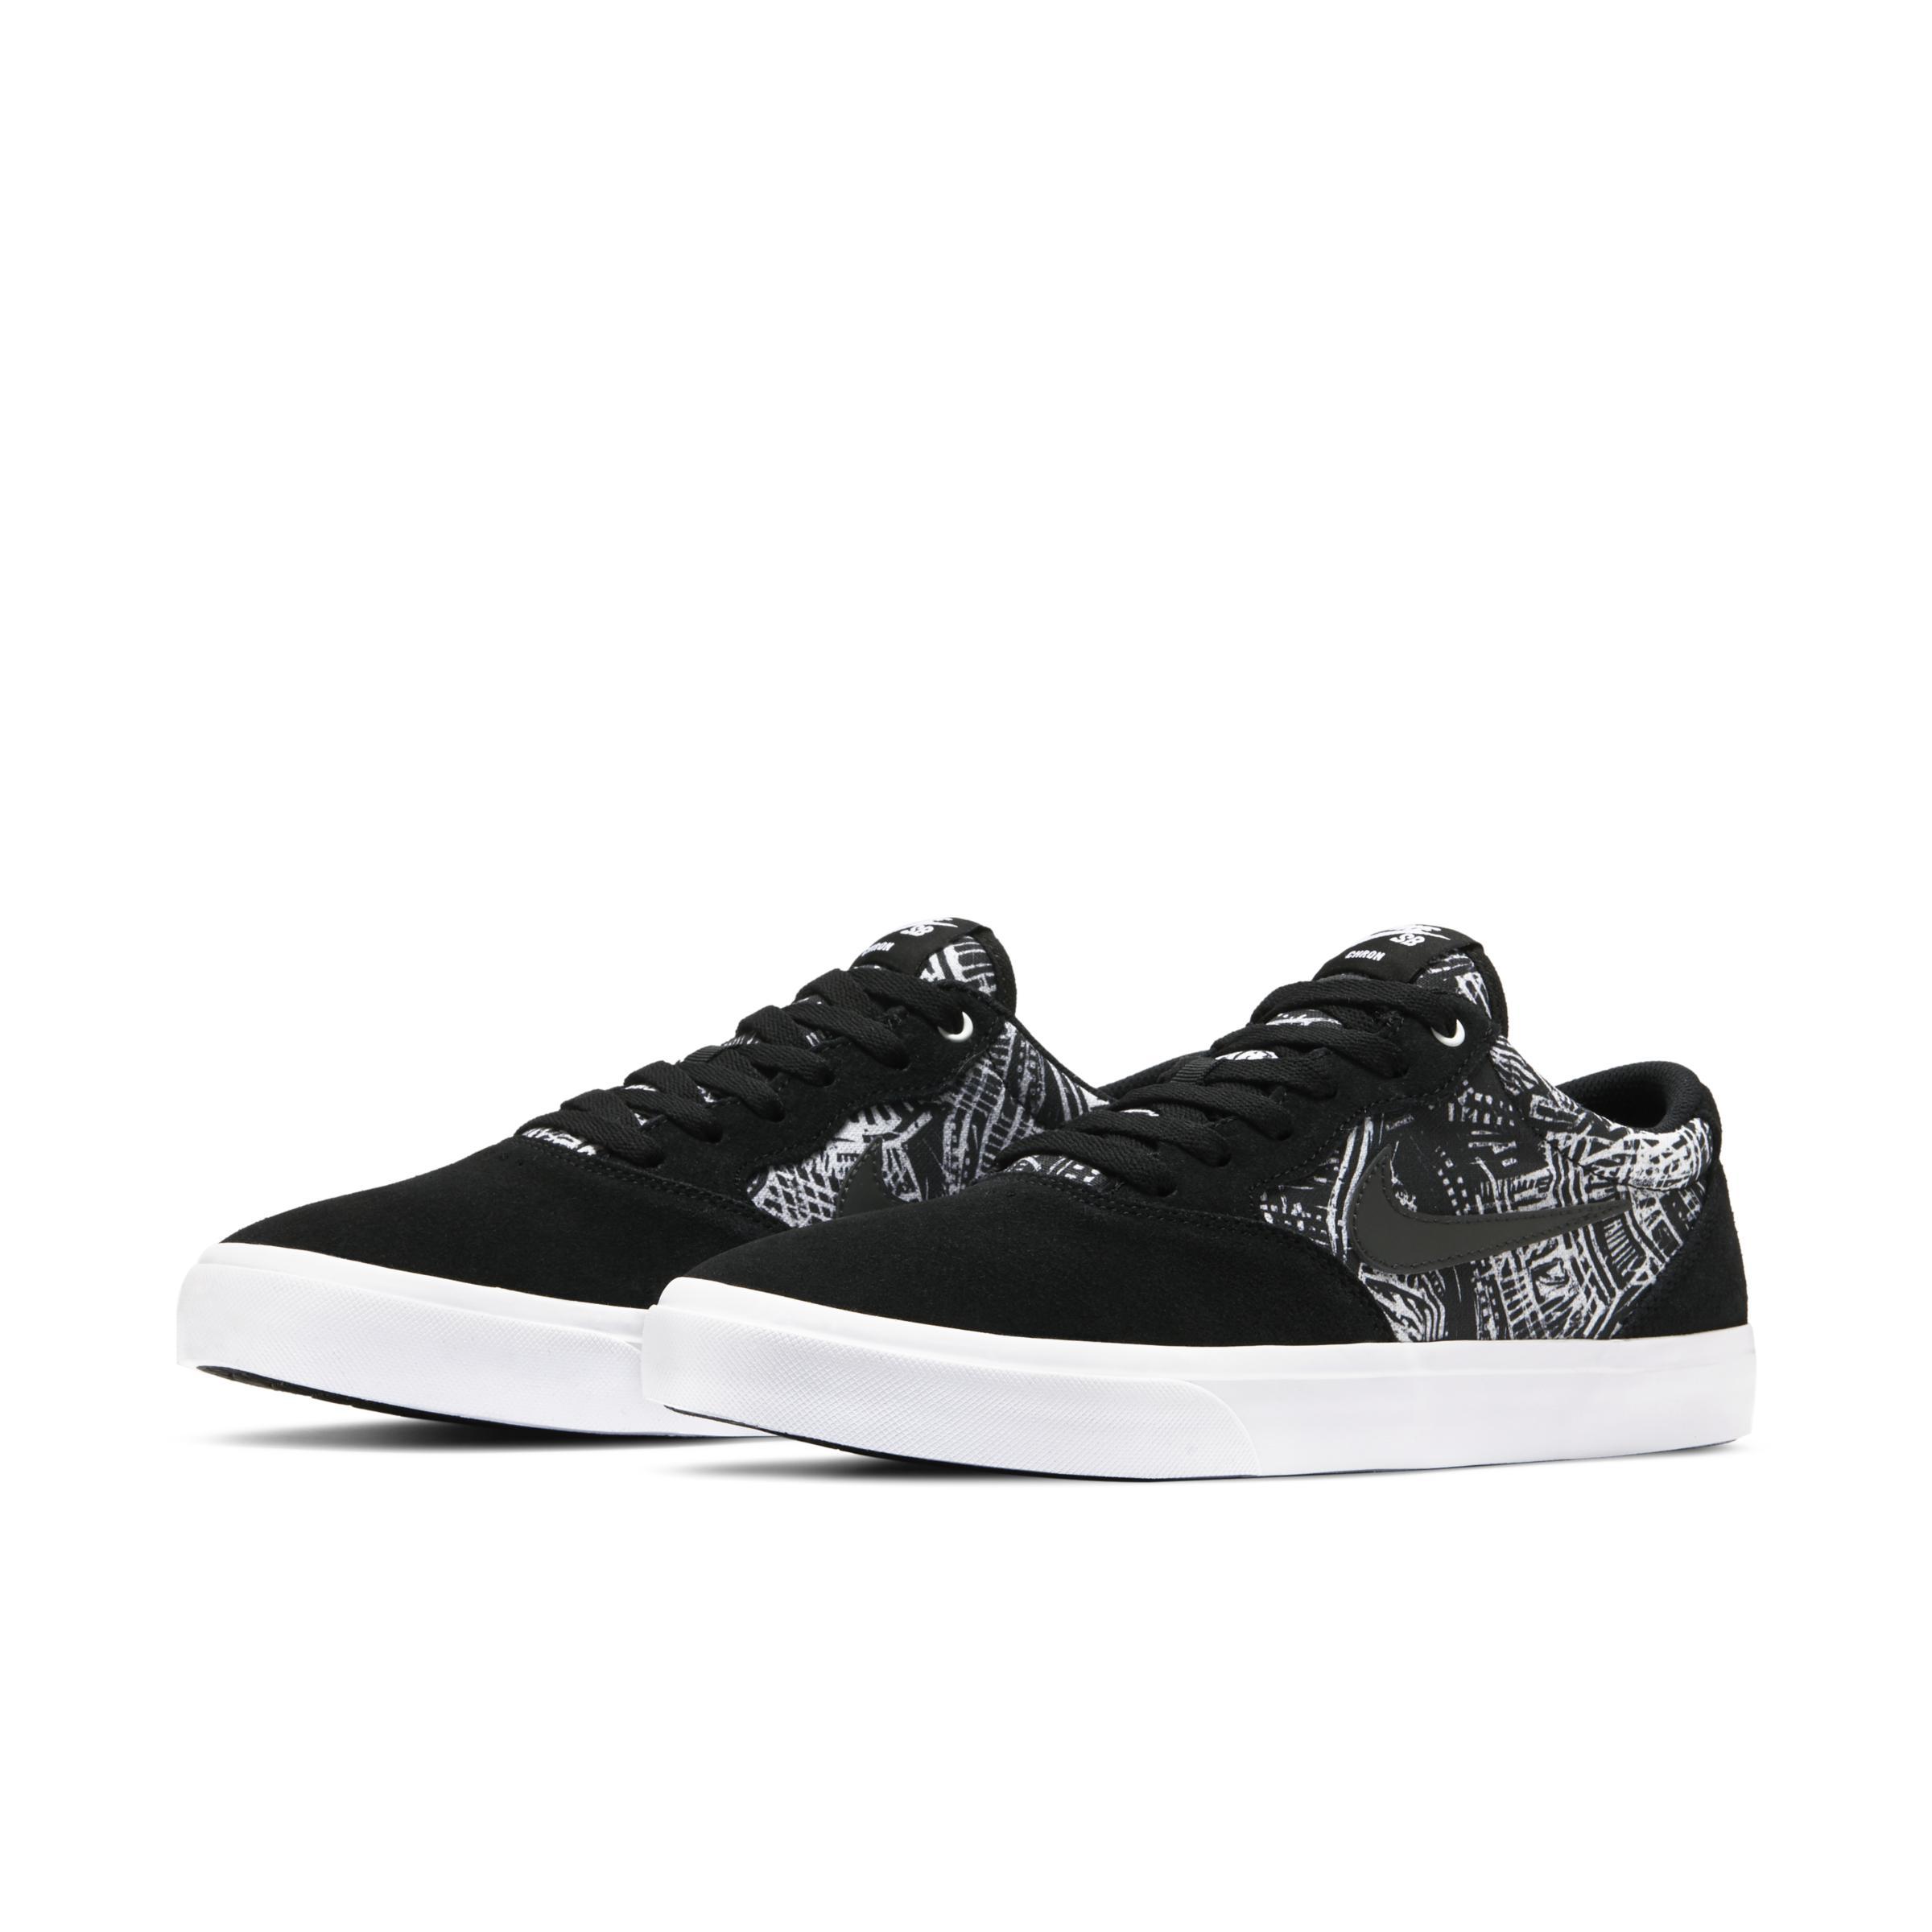 SB Chron Solarsoft Premium Zapatillas de skateboard Nike de color Negro